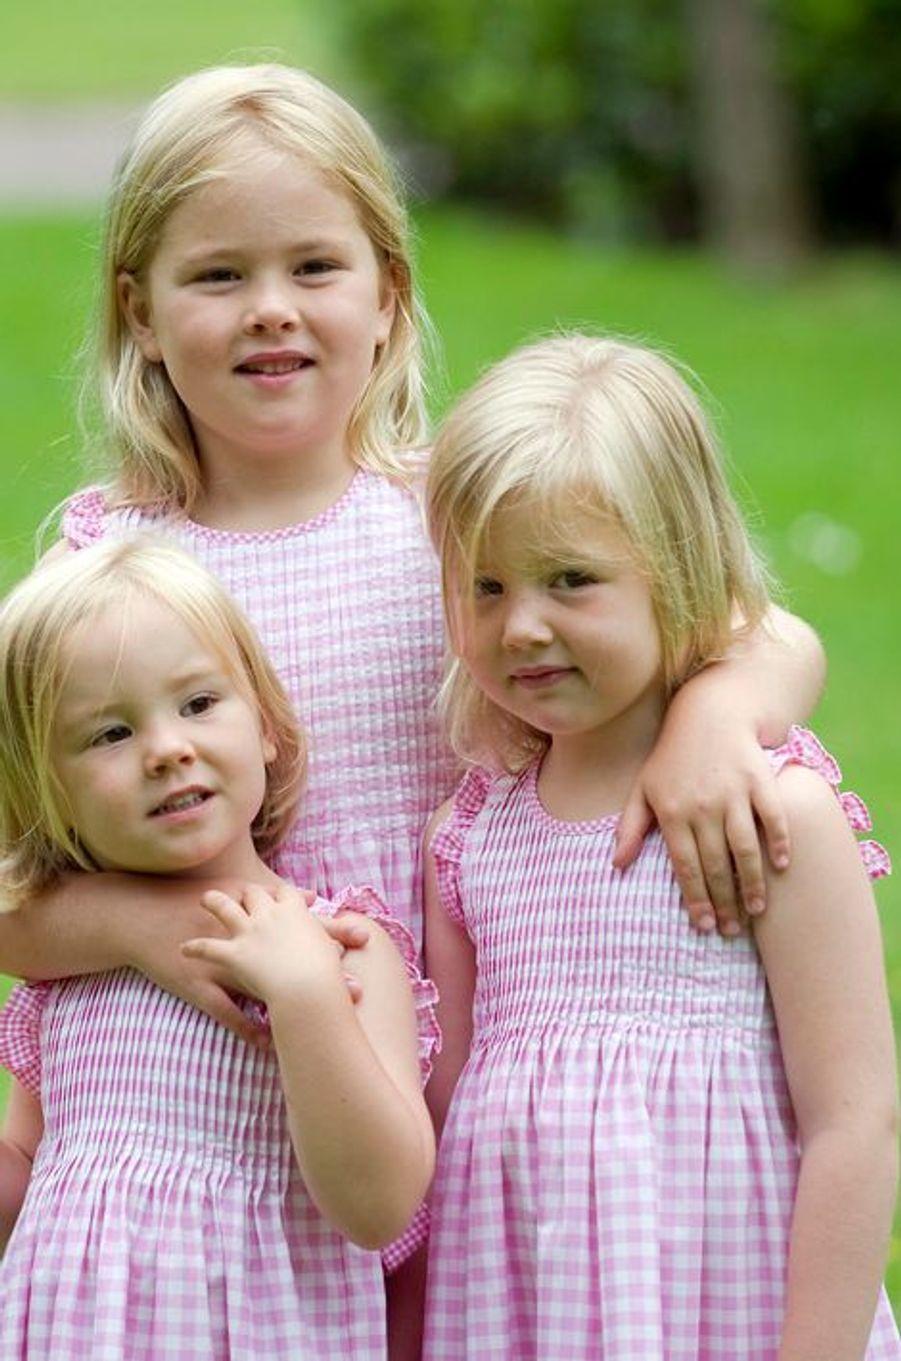 La princesse Alexia (à droite) avec ses soeurs Catharina-Amalia et Ariane, le 5 juillet 2010